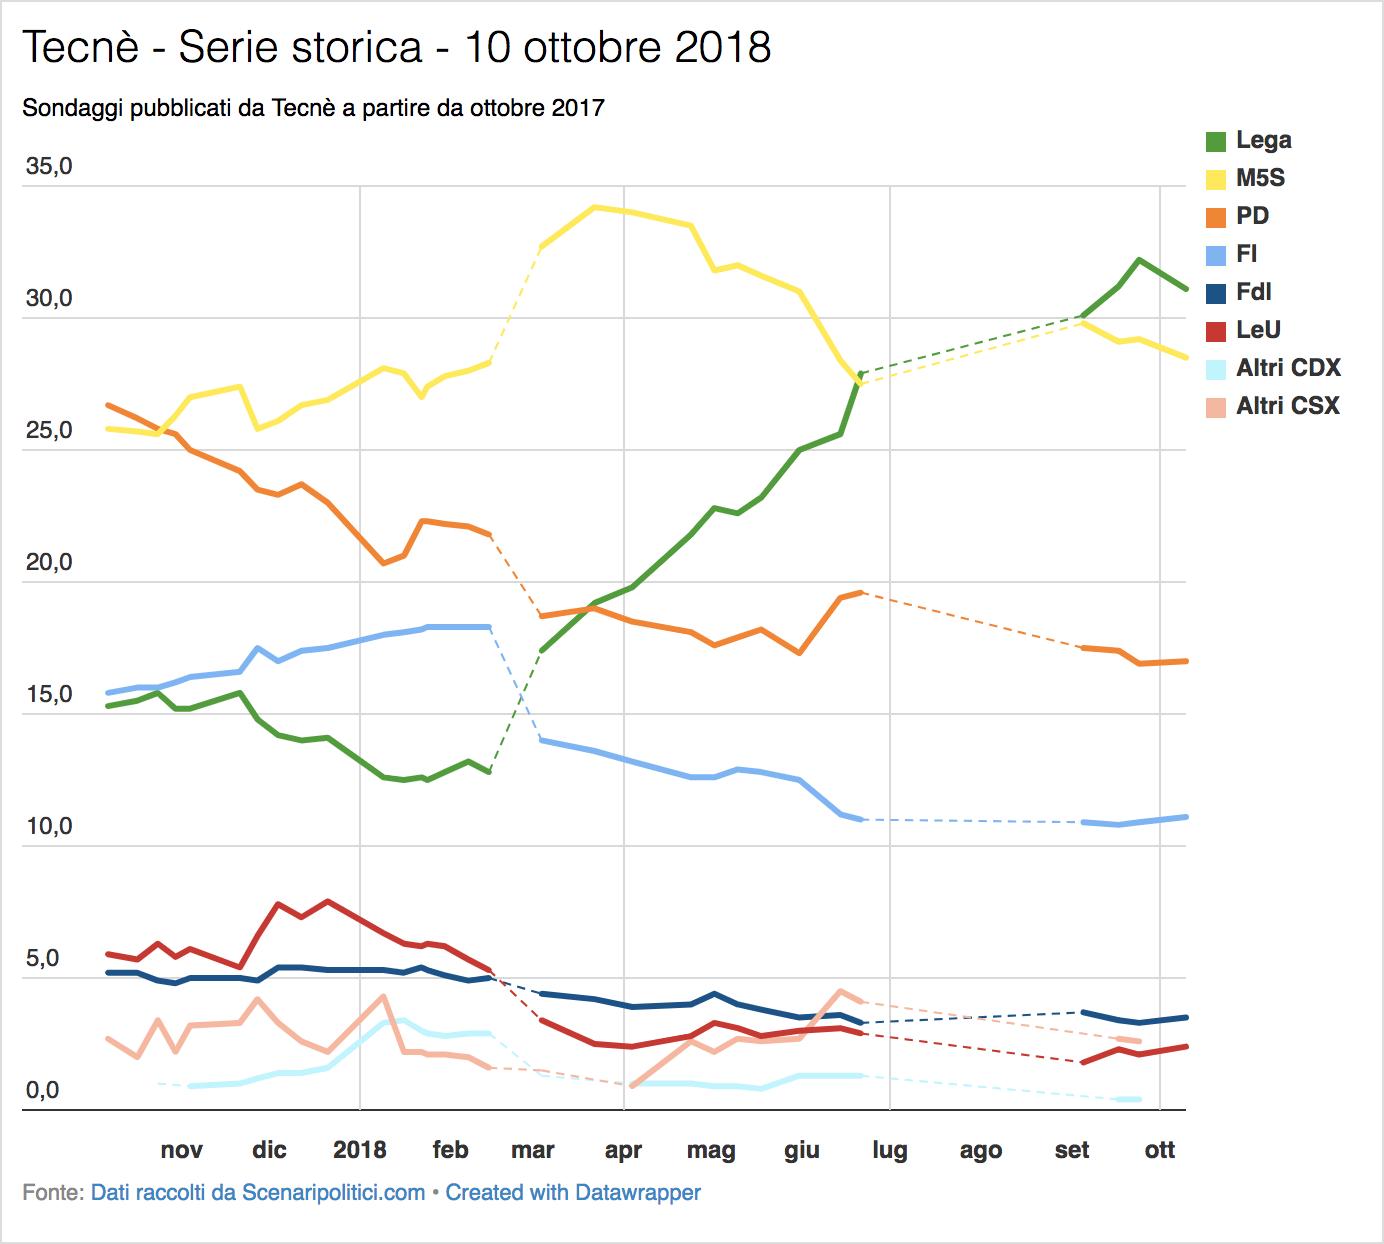 Sondaggio Tecnè (10 ottobre 2018)